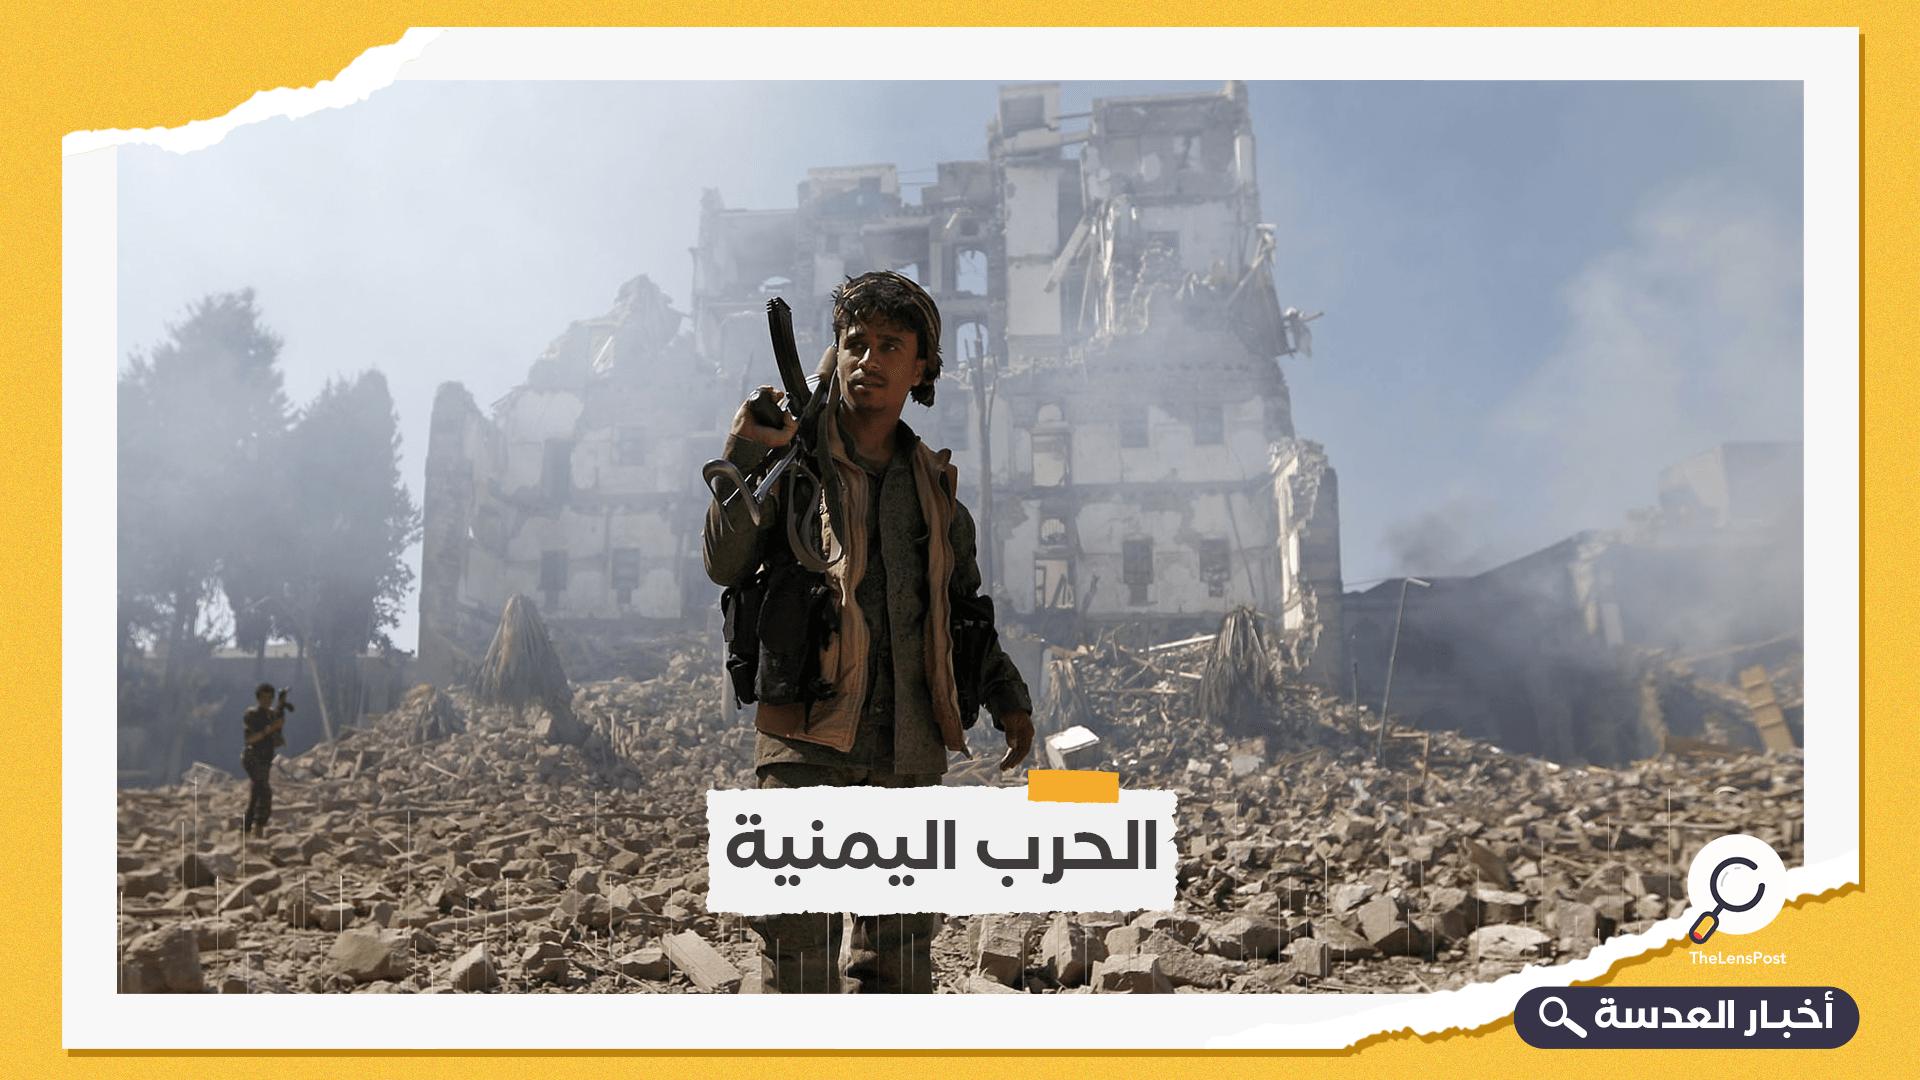 اتفاق بين أوروبا وأمريكا على إنهاء حرب اليمن